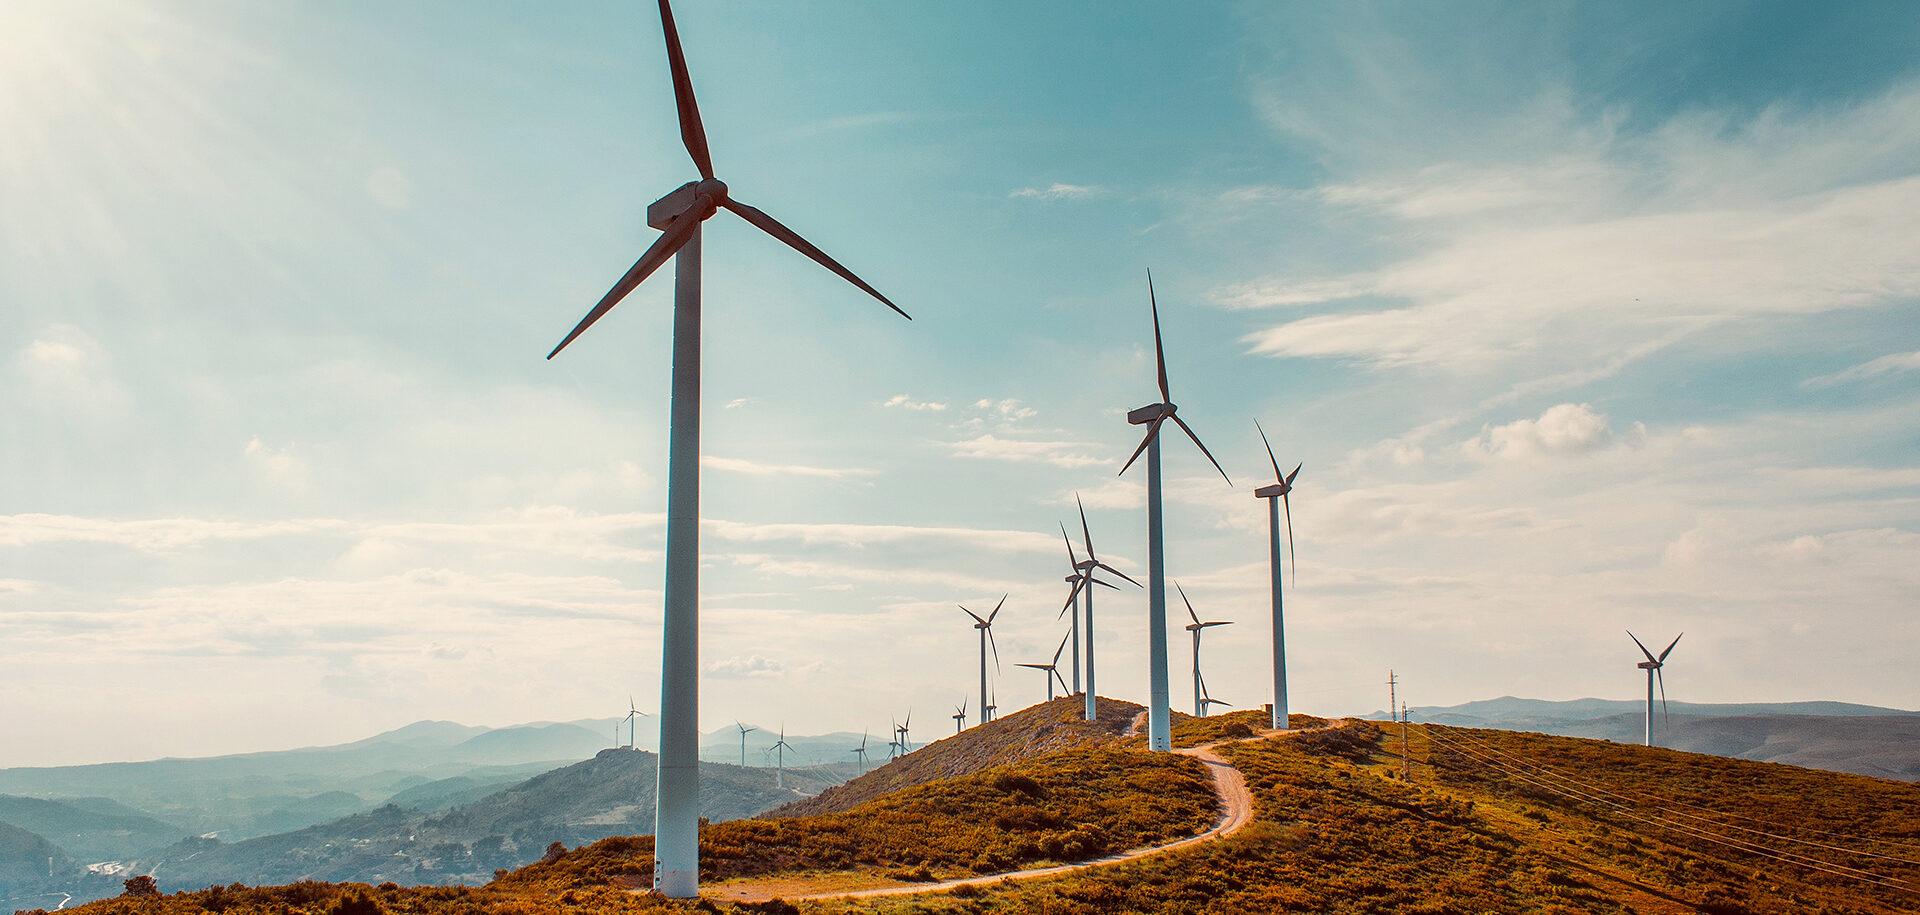 NREL's wind turbines